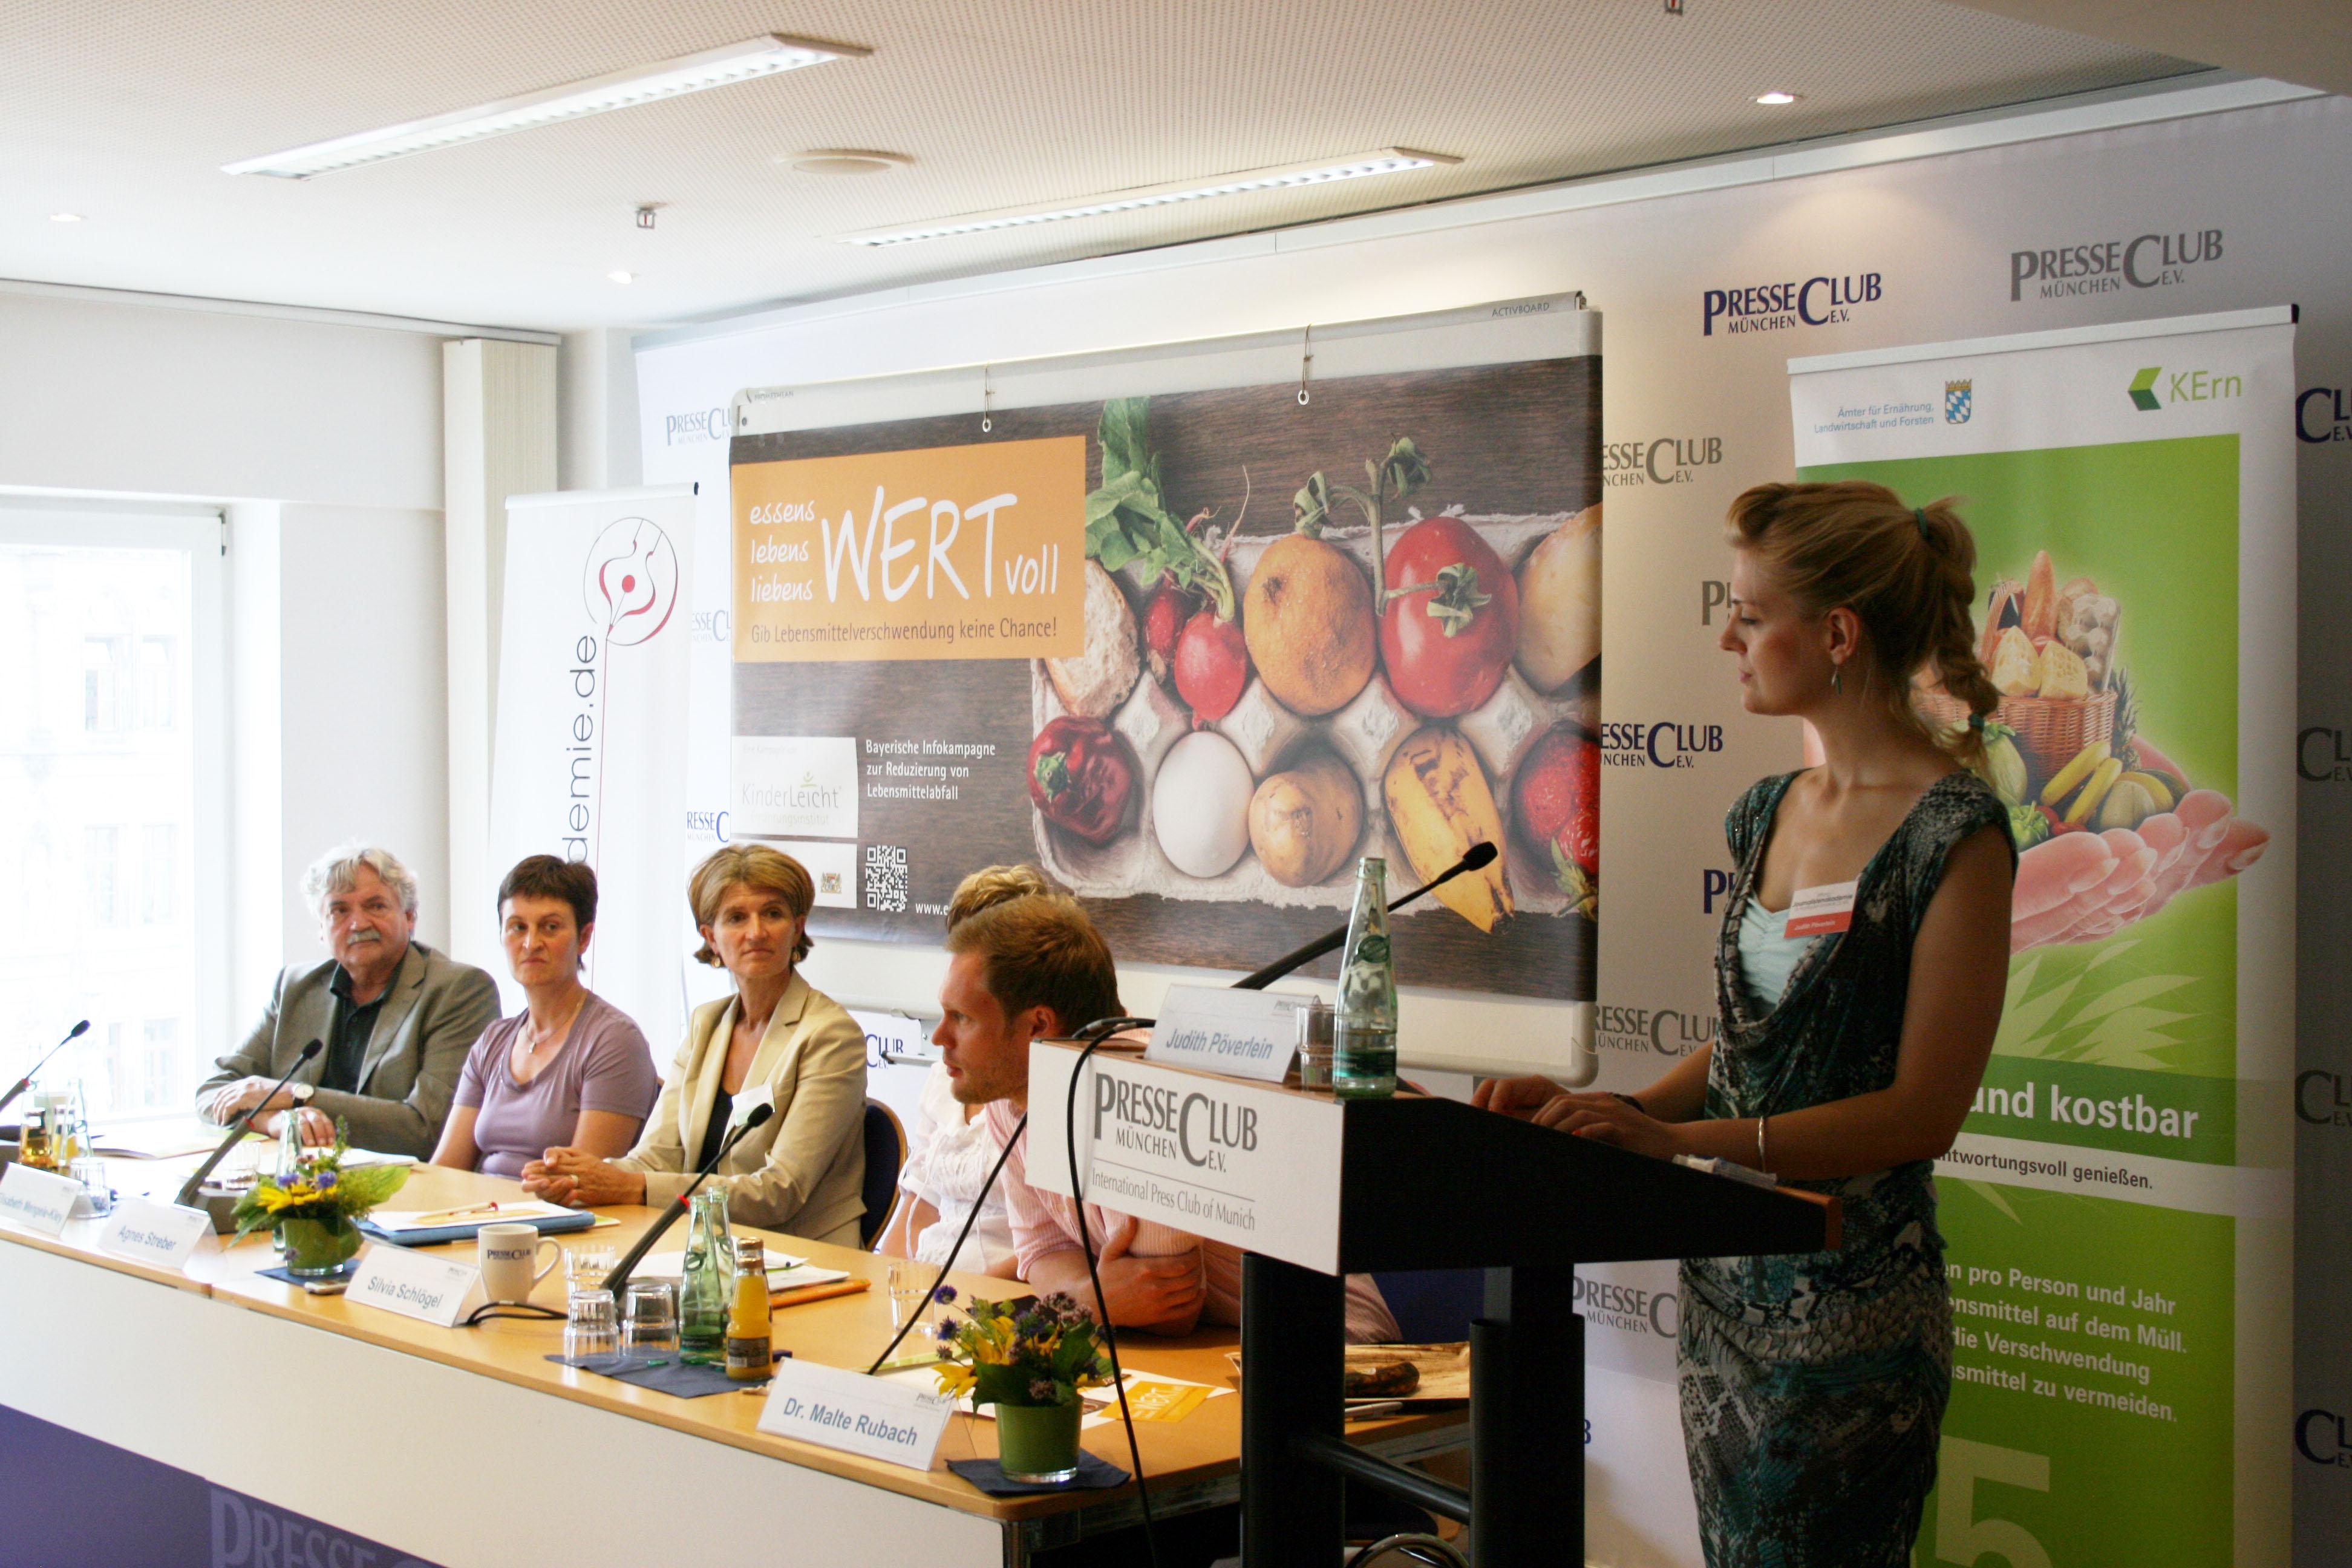 Pressepodium im Presseclub - die Pressekonferenz organisierten Lehrgangsteilnehmer der Journalistenakademie